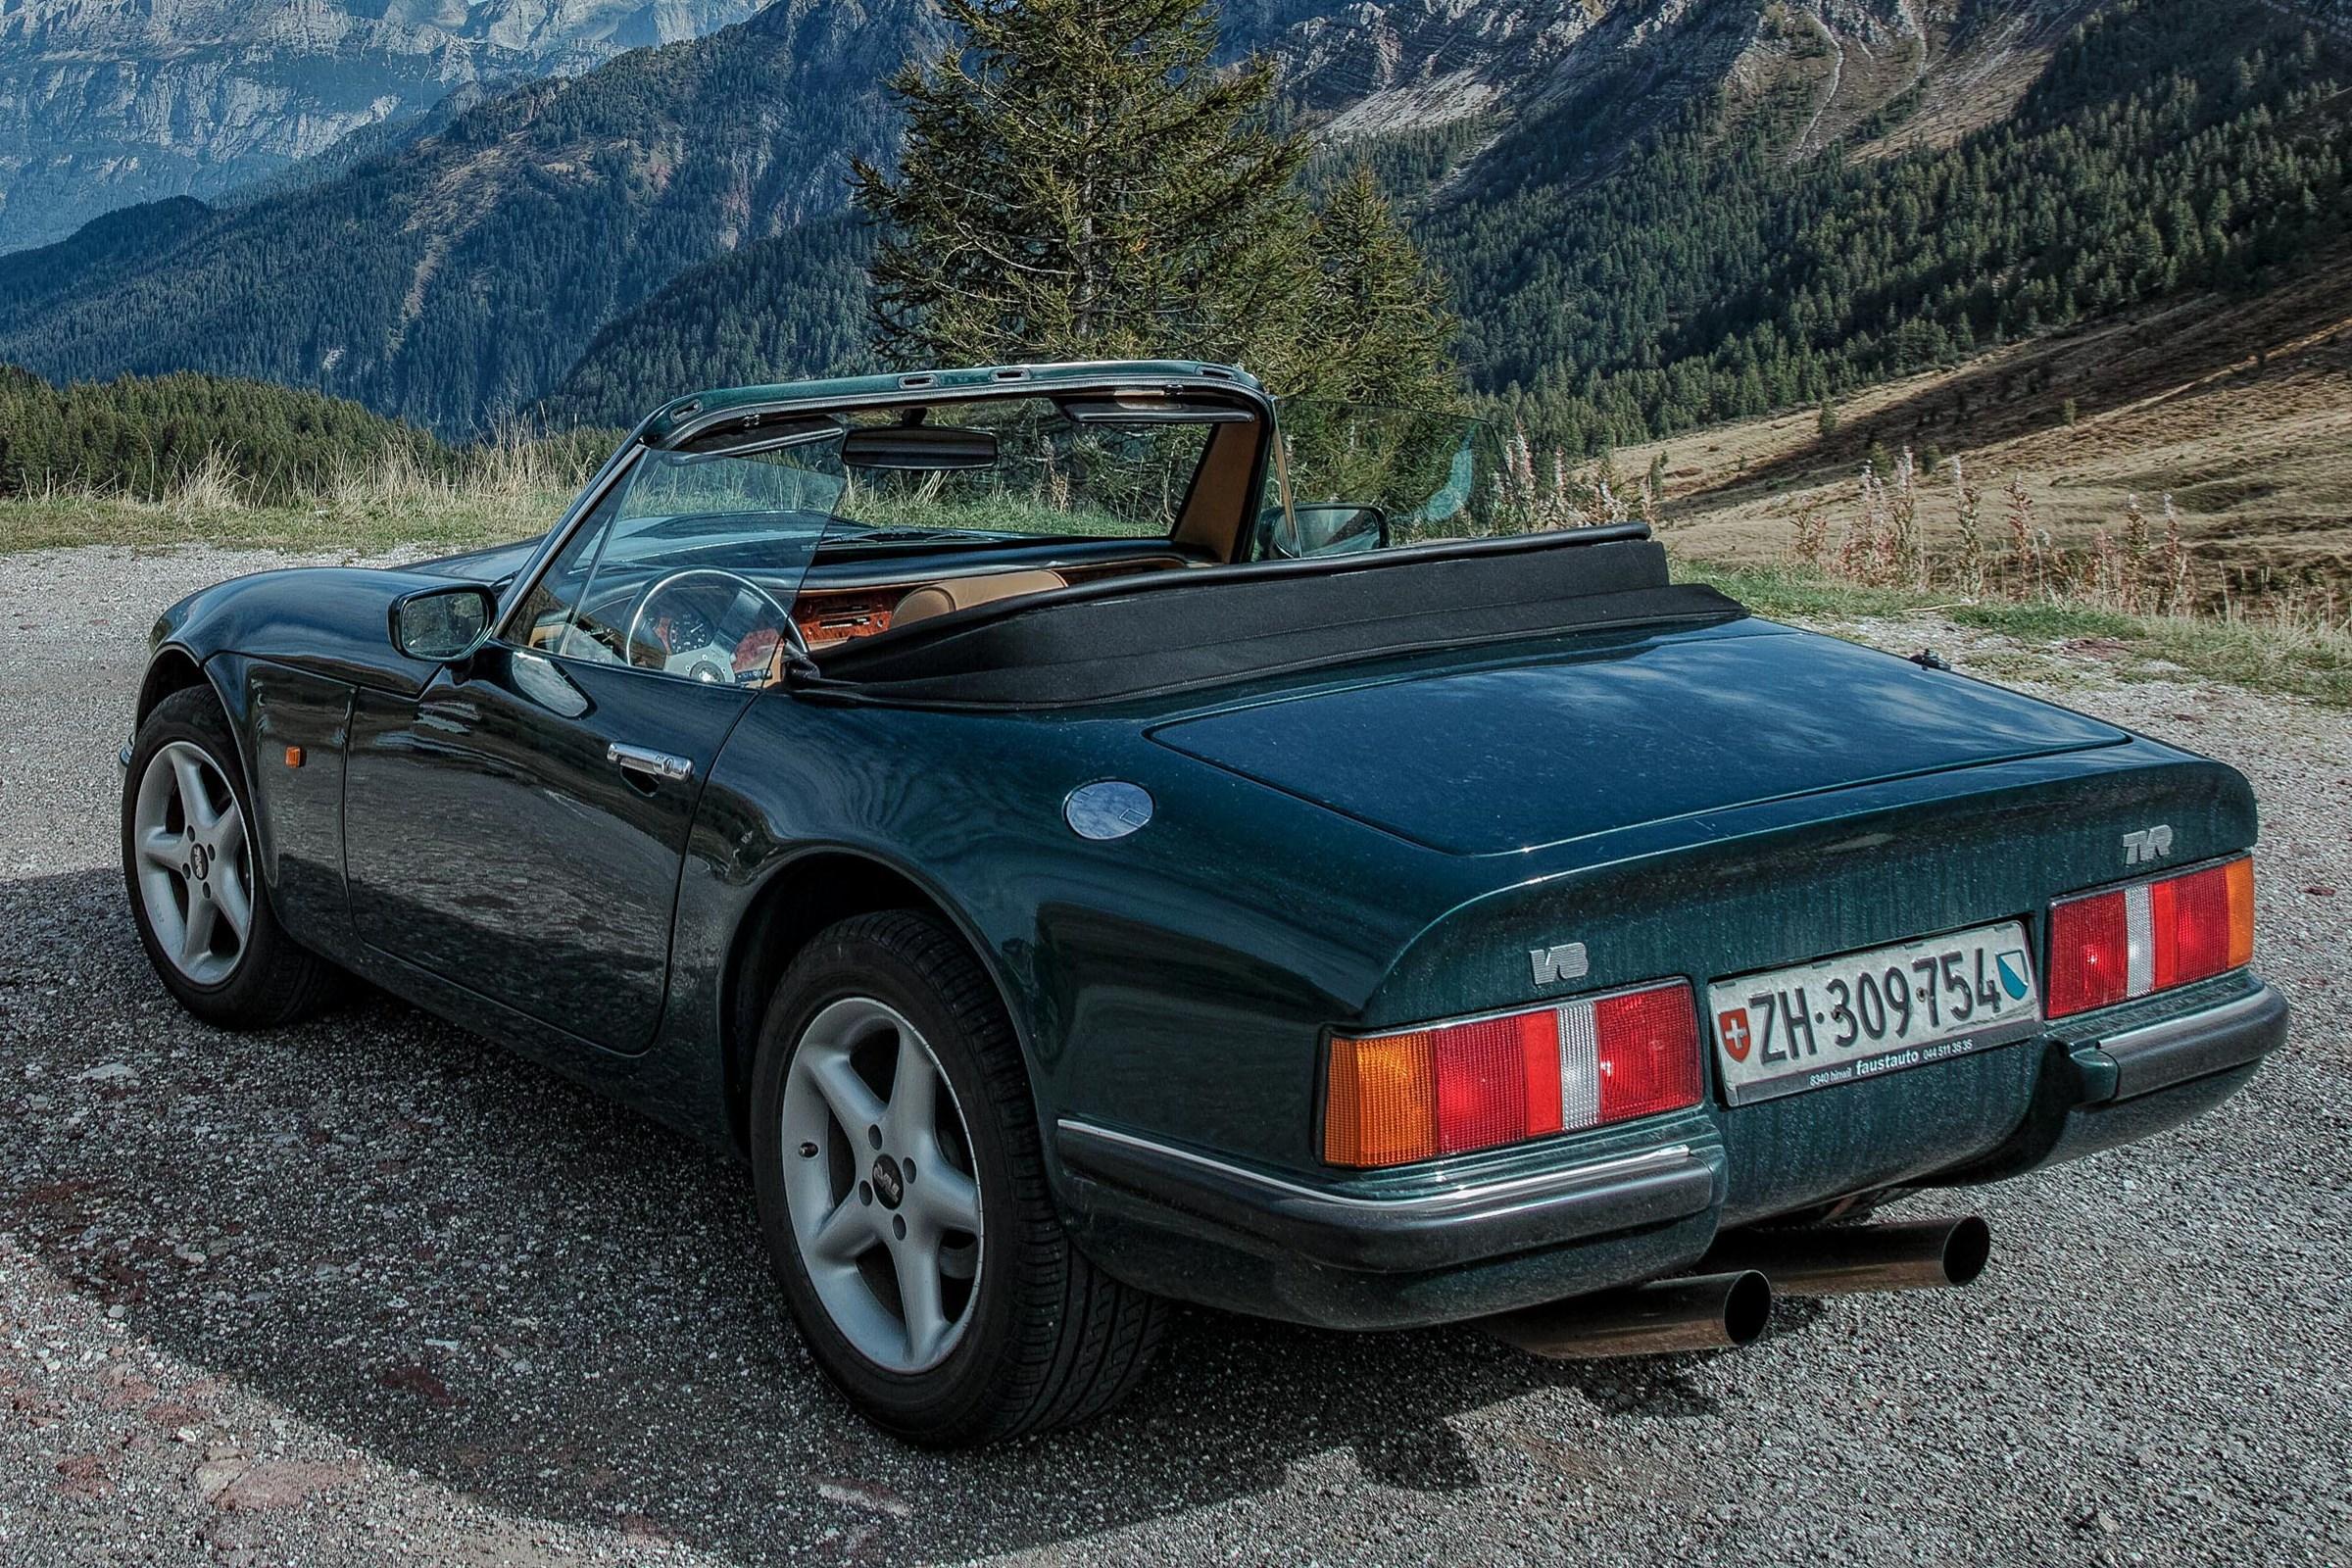 TVR V8S 4.0 (Cabriolet)